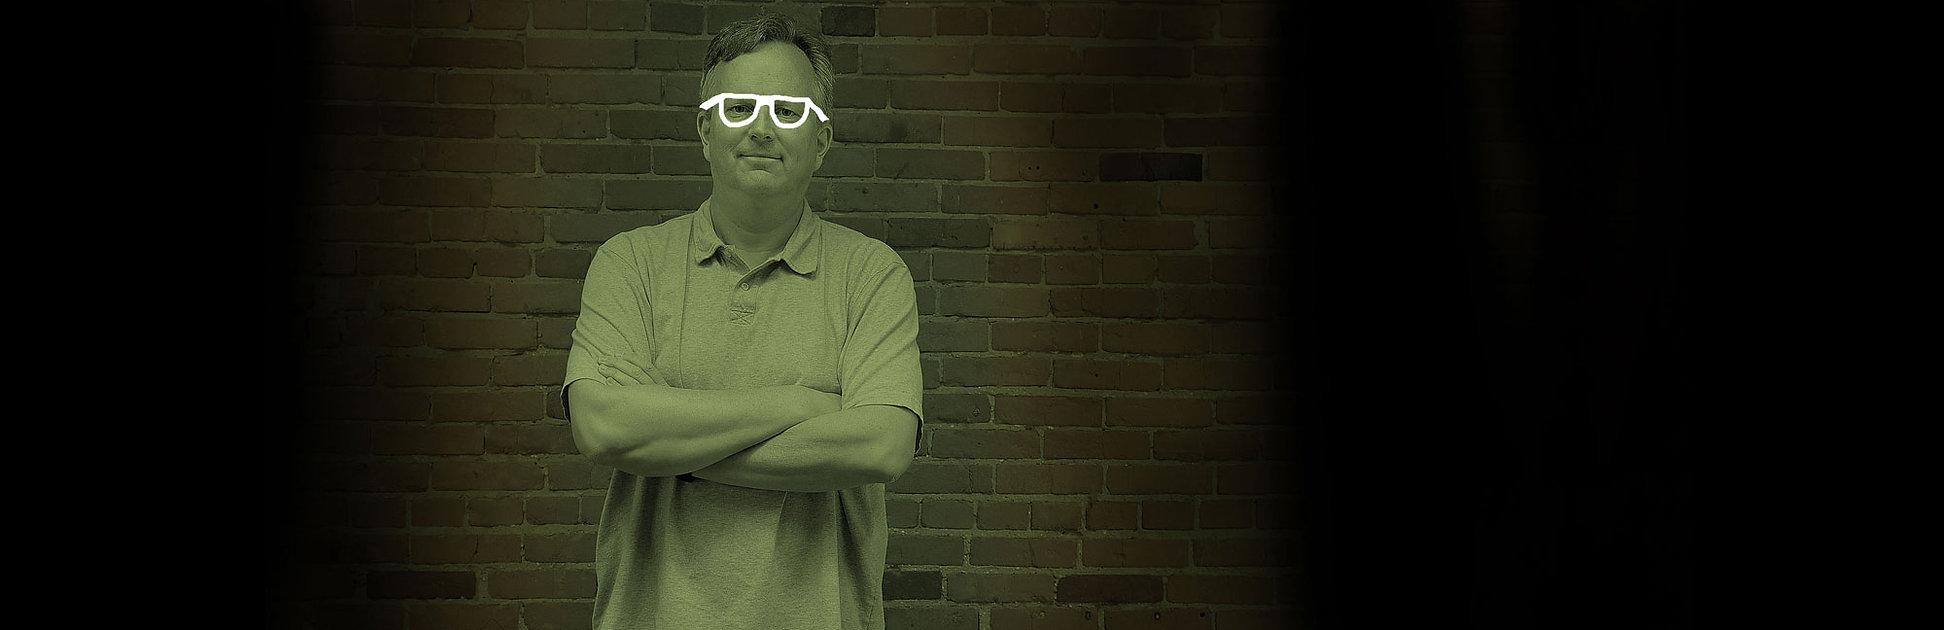 Pete Van Regenmorter advertising creative director.